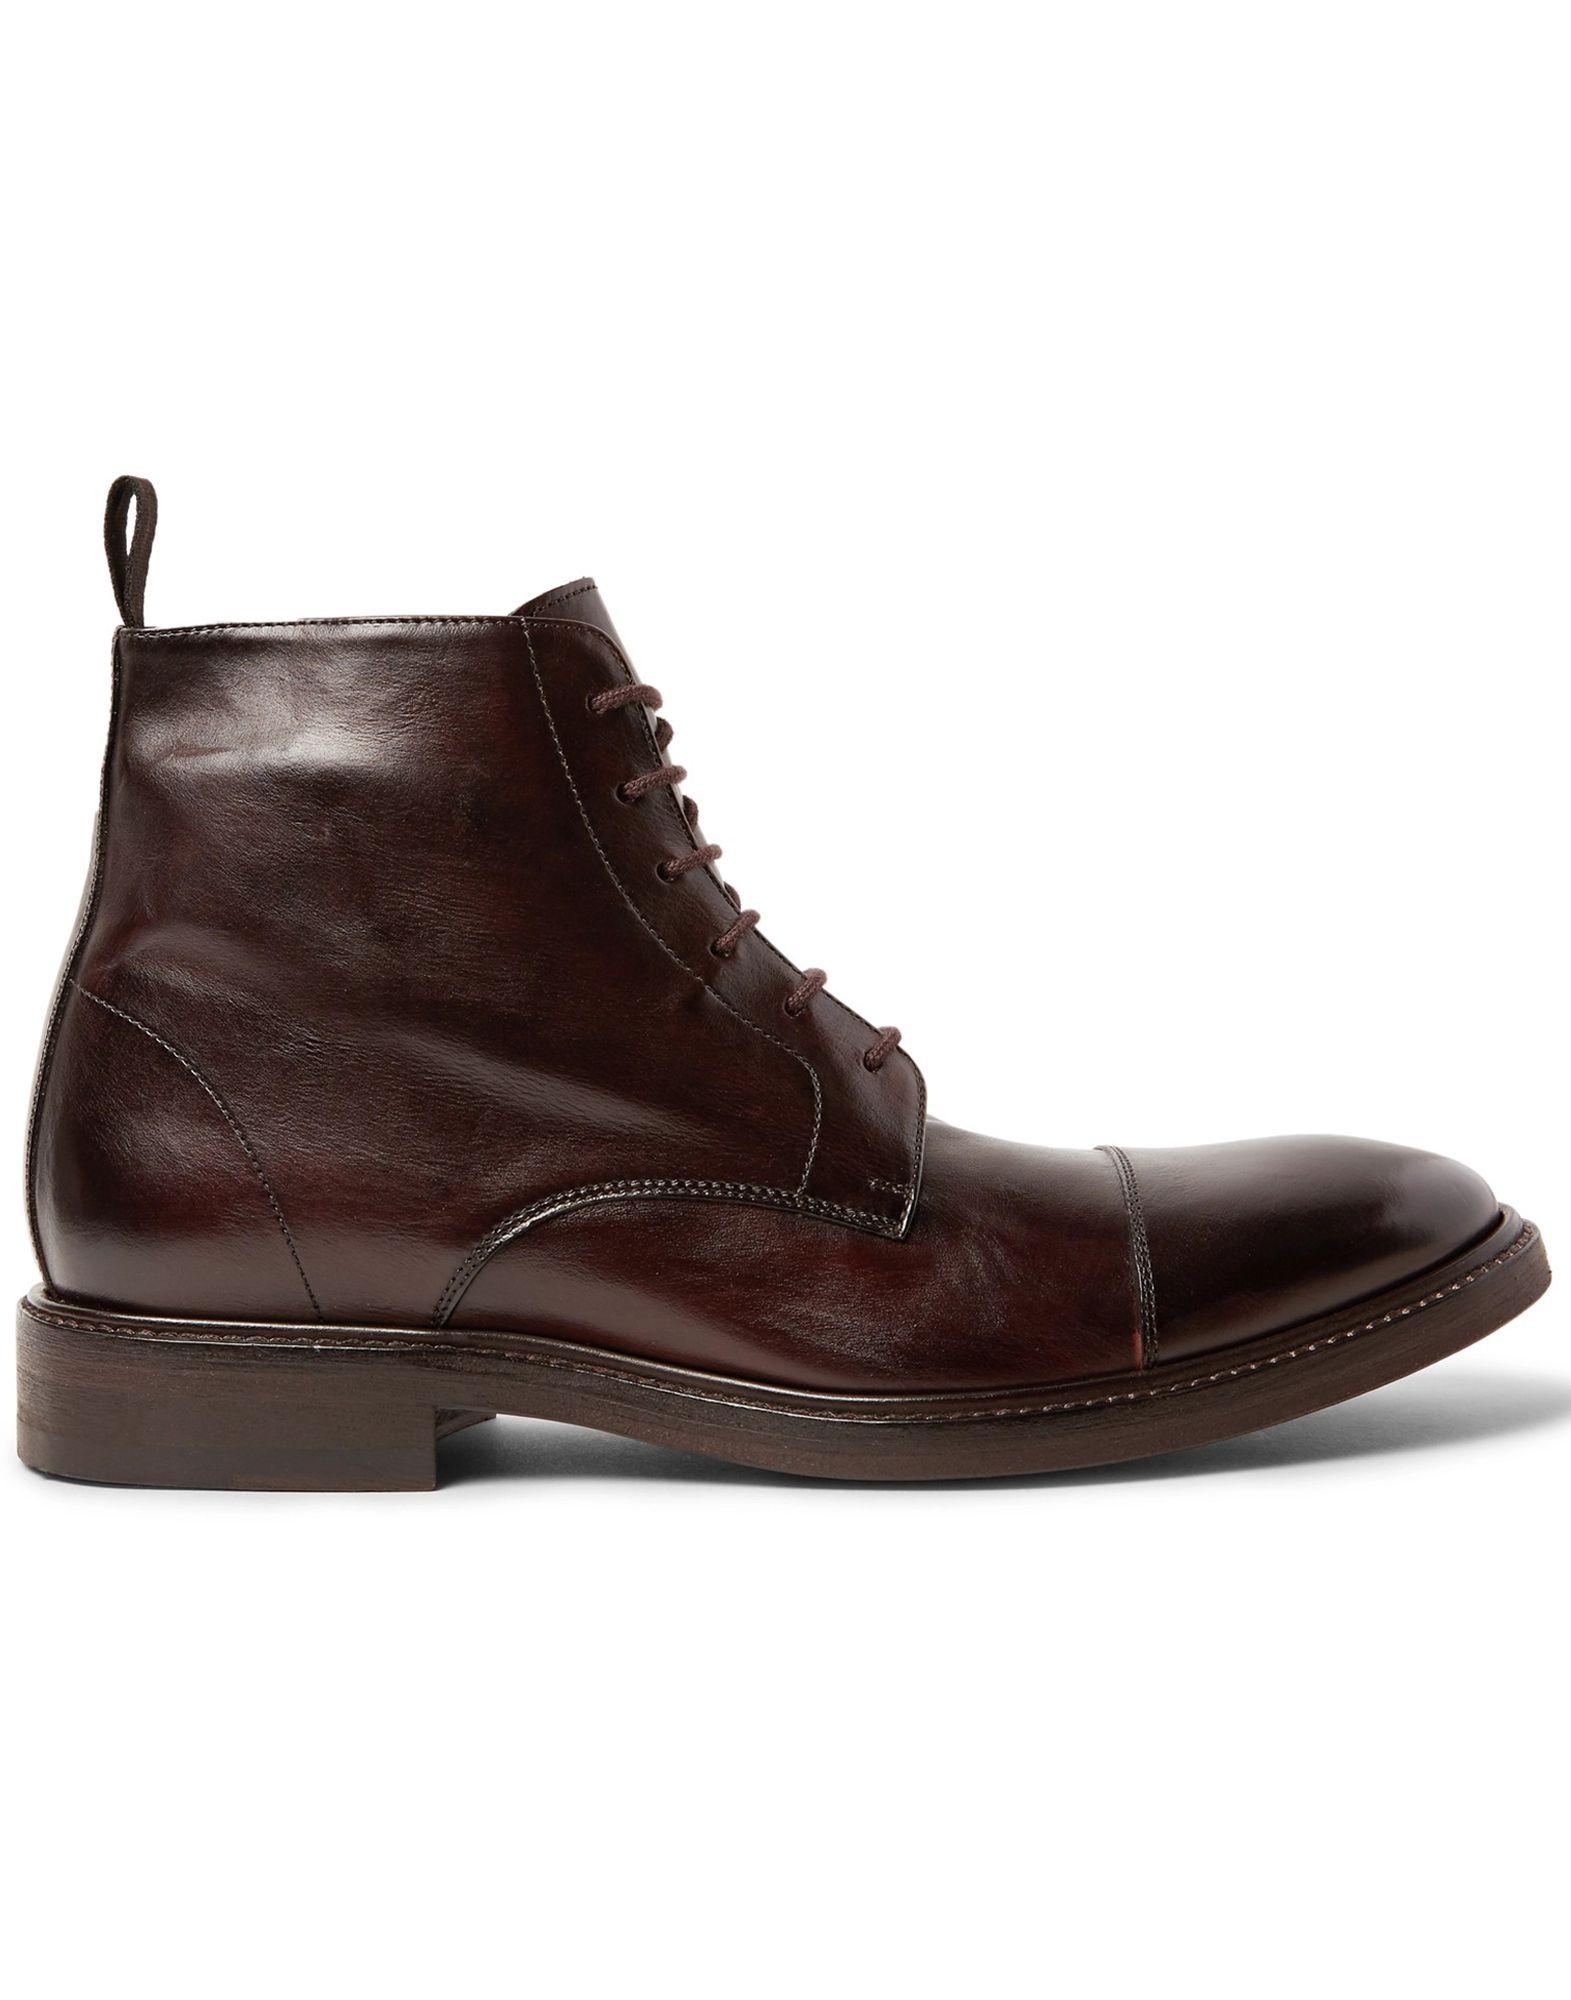 Paul Smith Stiefelette Herren  11540258SC Gute Qualität beliebte Schuhe